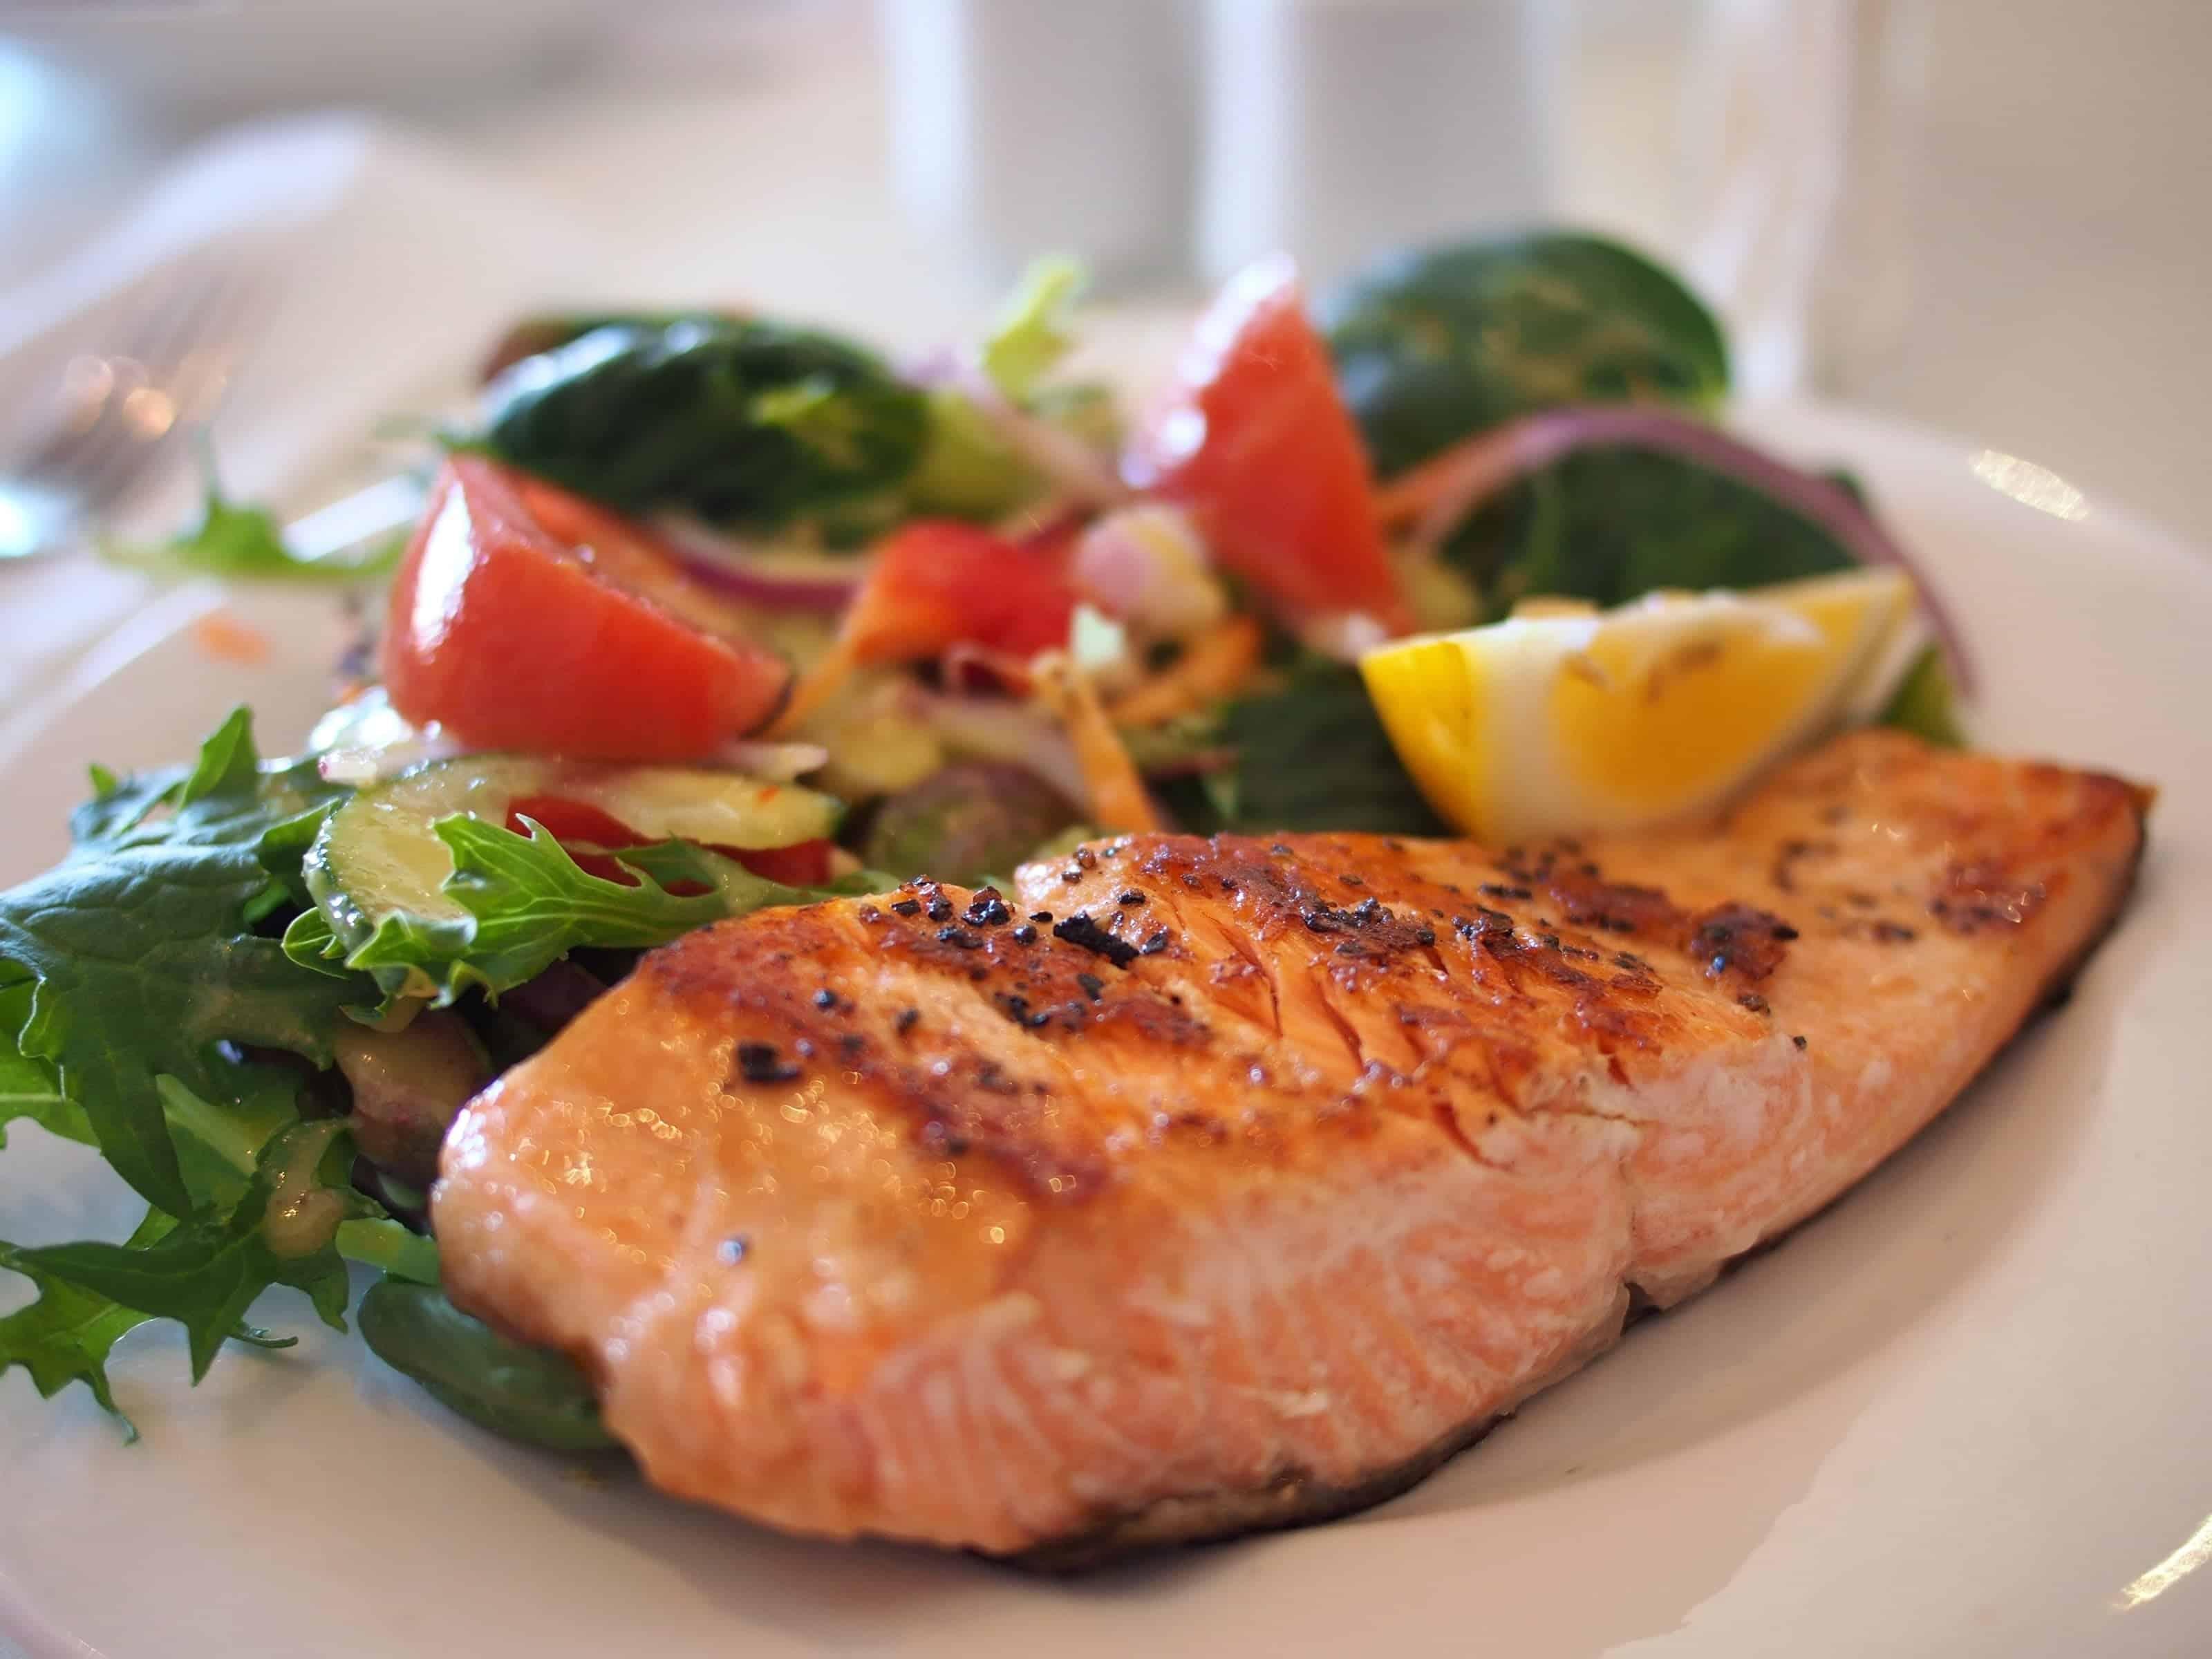 Akdeniz diyeti, sağlıklı beslenme, doğal yaşam, sağlıklı yaşam